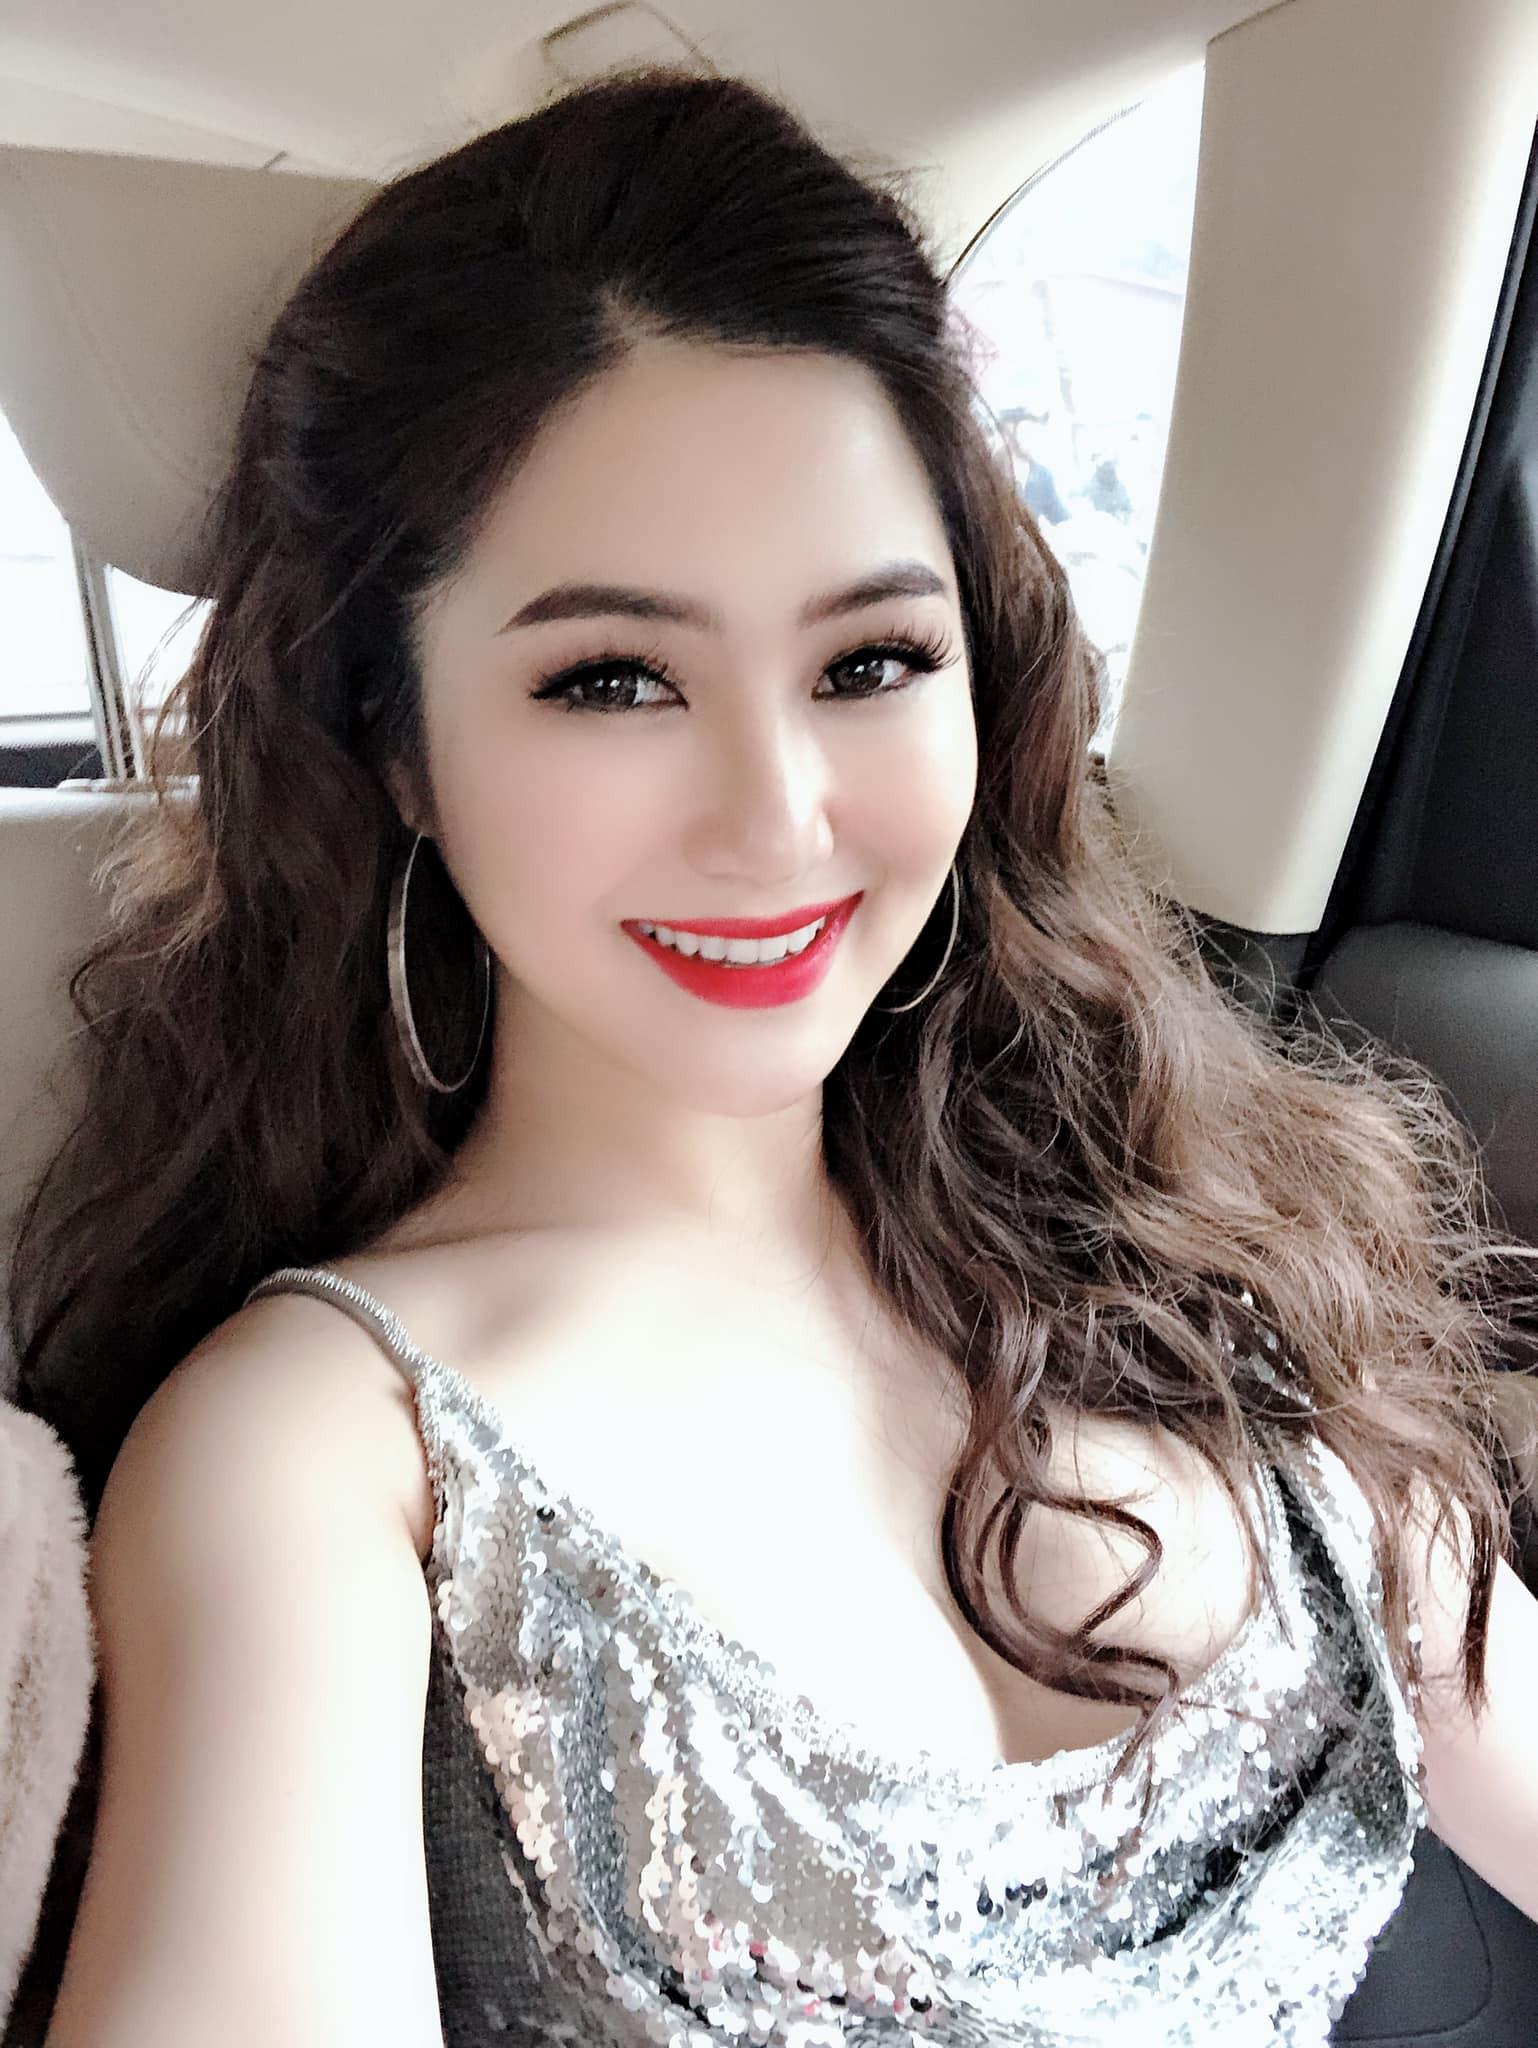 Hương Tràm nhận show hát ở Mỹ nhưng chiếc váy tuyệt đẹp cô mặc lại khiến người nhiều bất ngờ  - Ảnh 10.